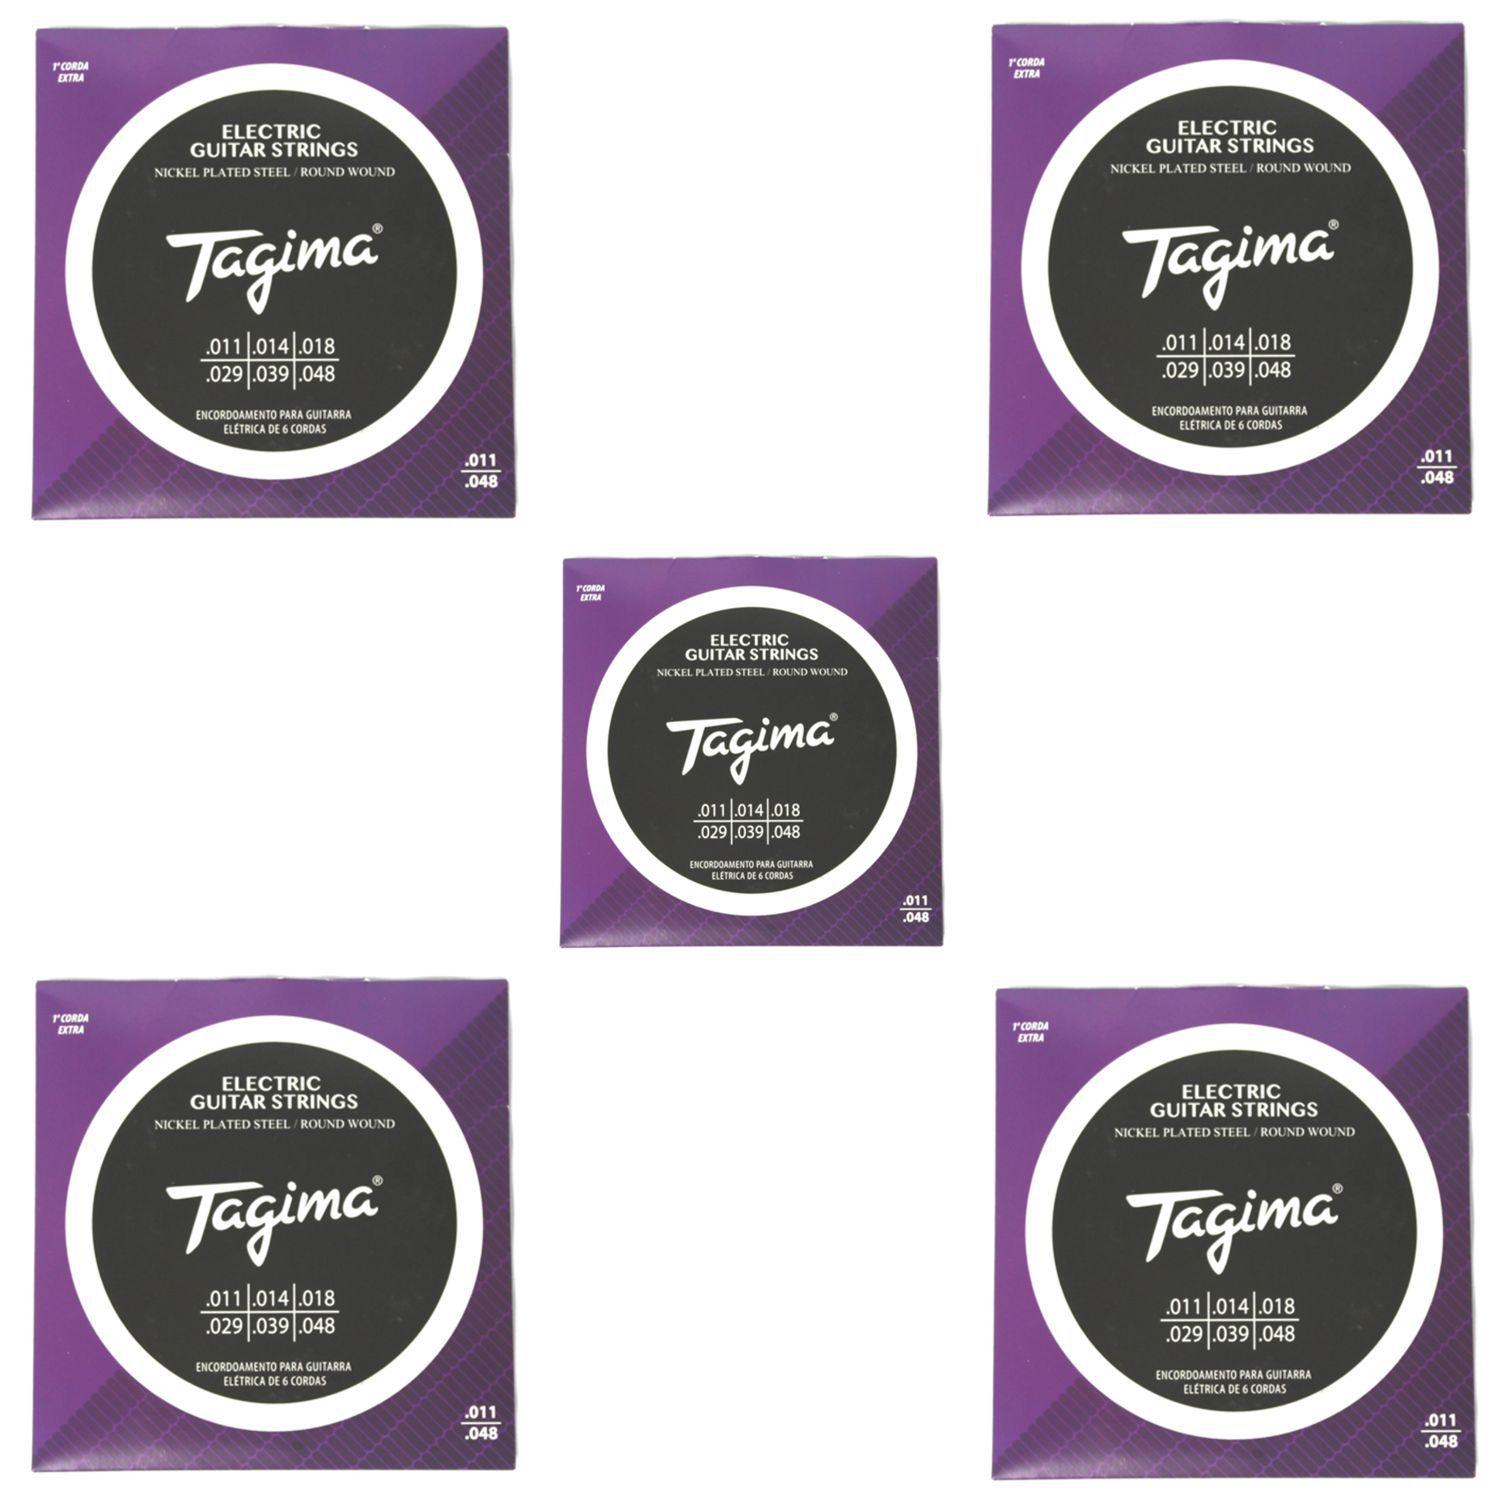 Encordoamento para Guitarra 011 Tagima - TGT-011 - 05 Unidades